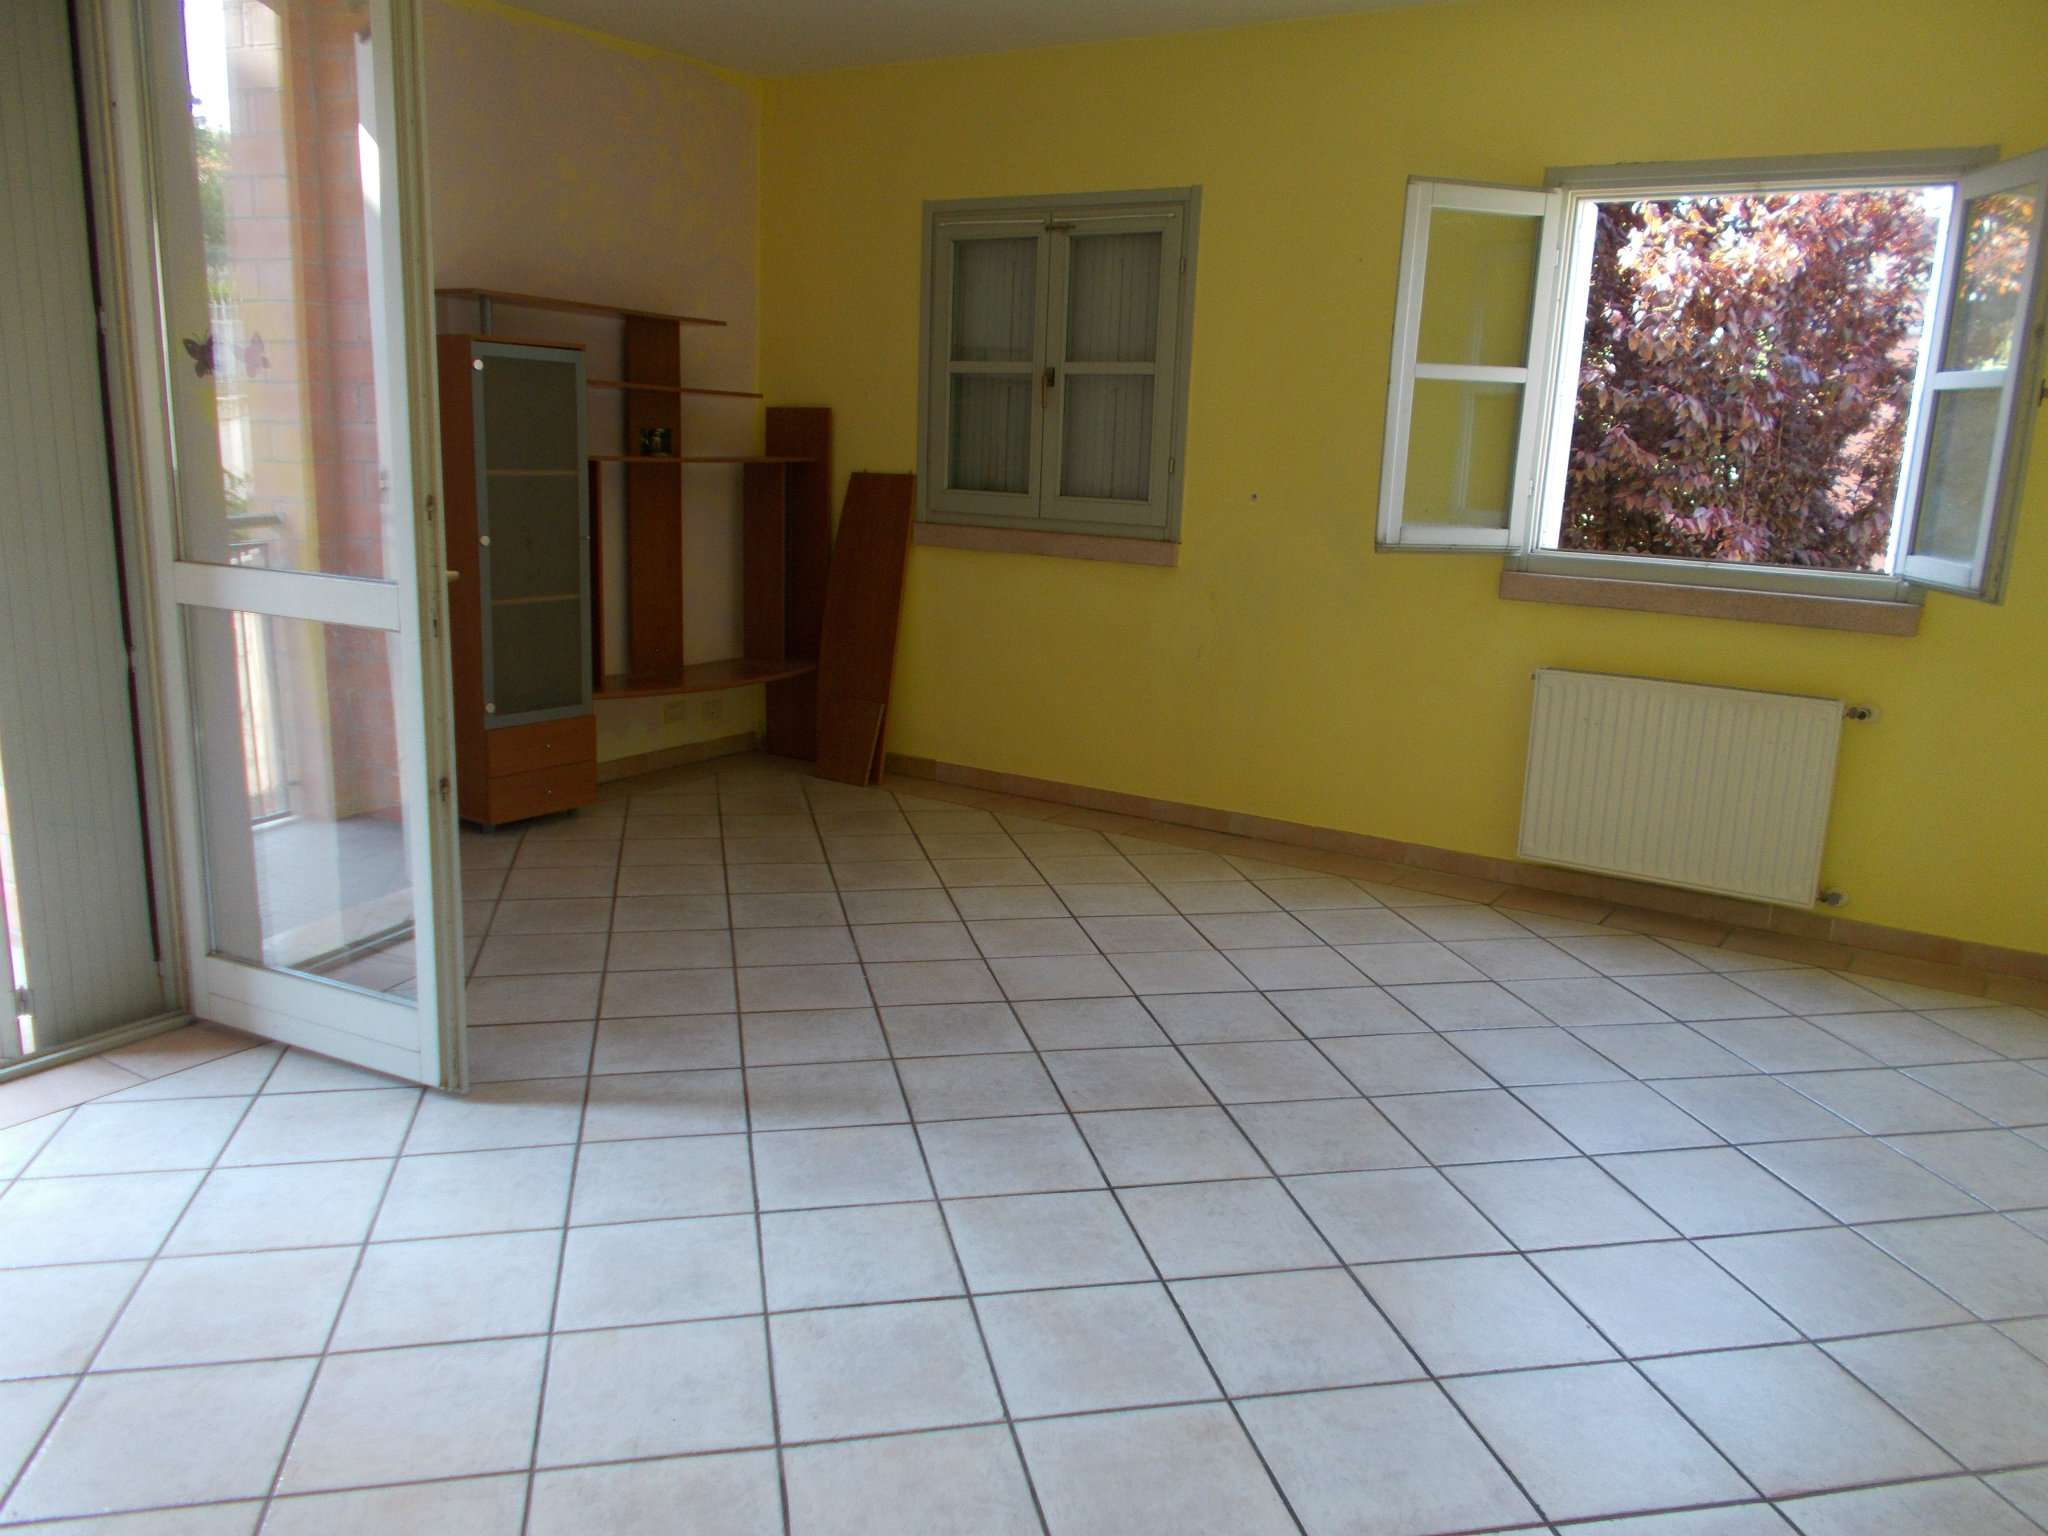 Appartamento in vendita a Canossa, 2 locali, prezzo € 53.000 | Cambio Casa.it